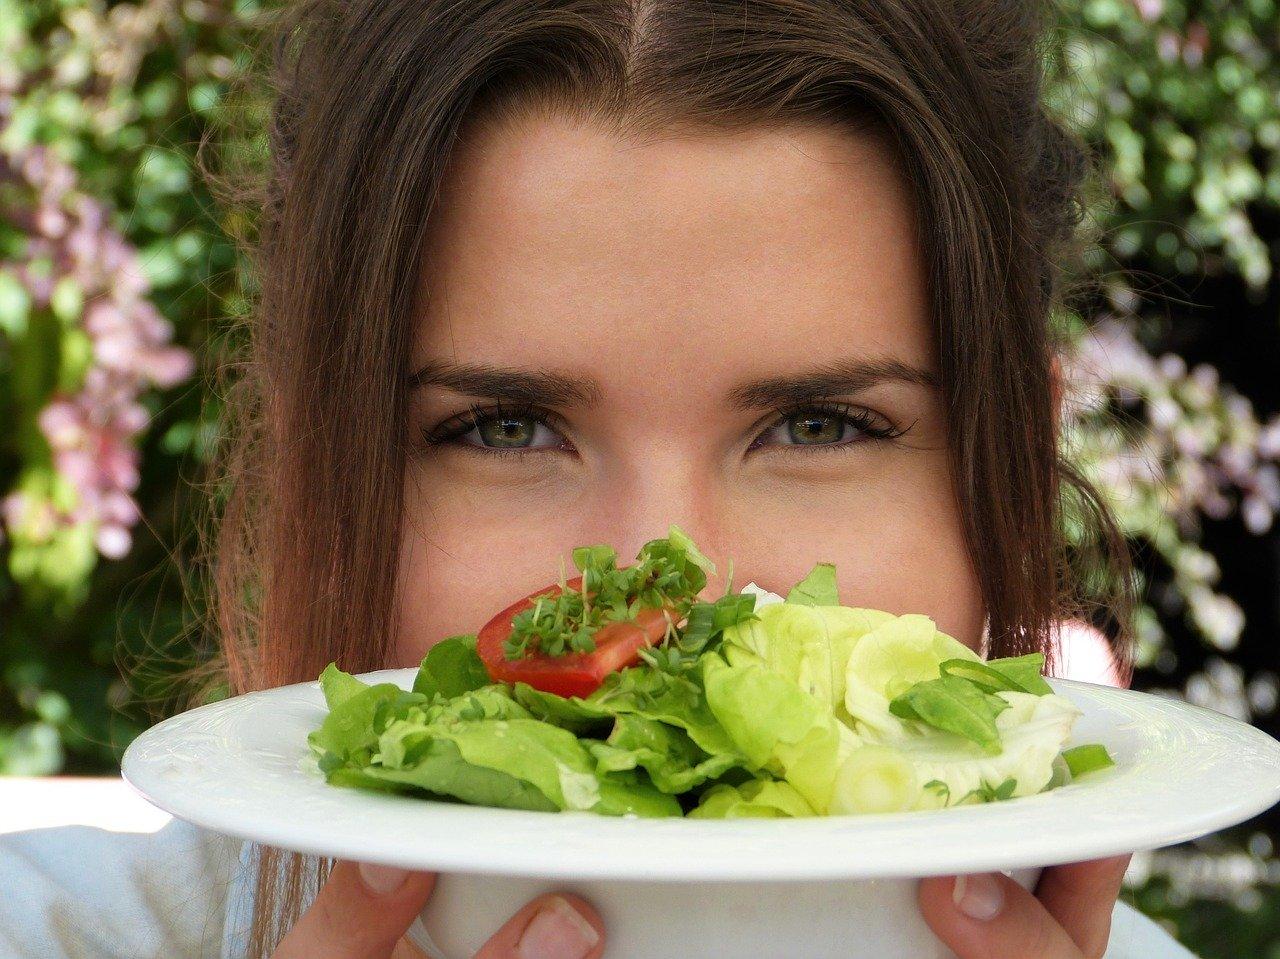 Jak rozpocząć zdrowe odżywianie?